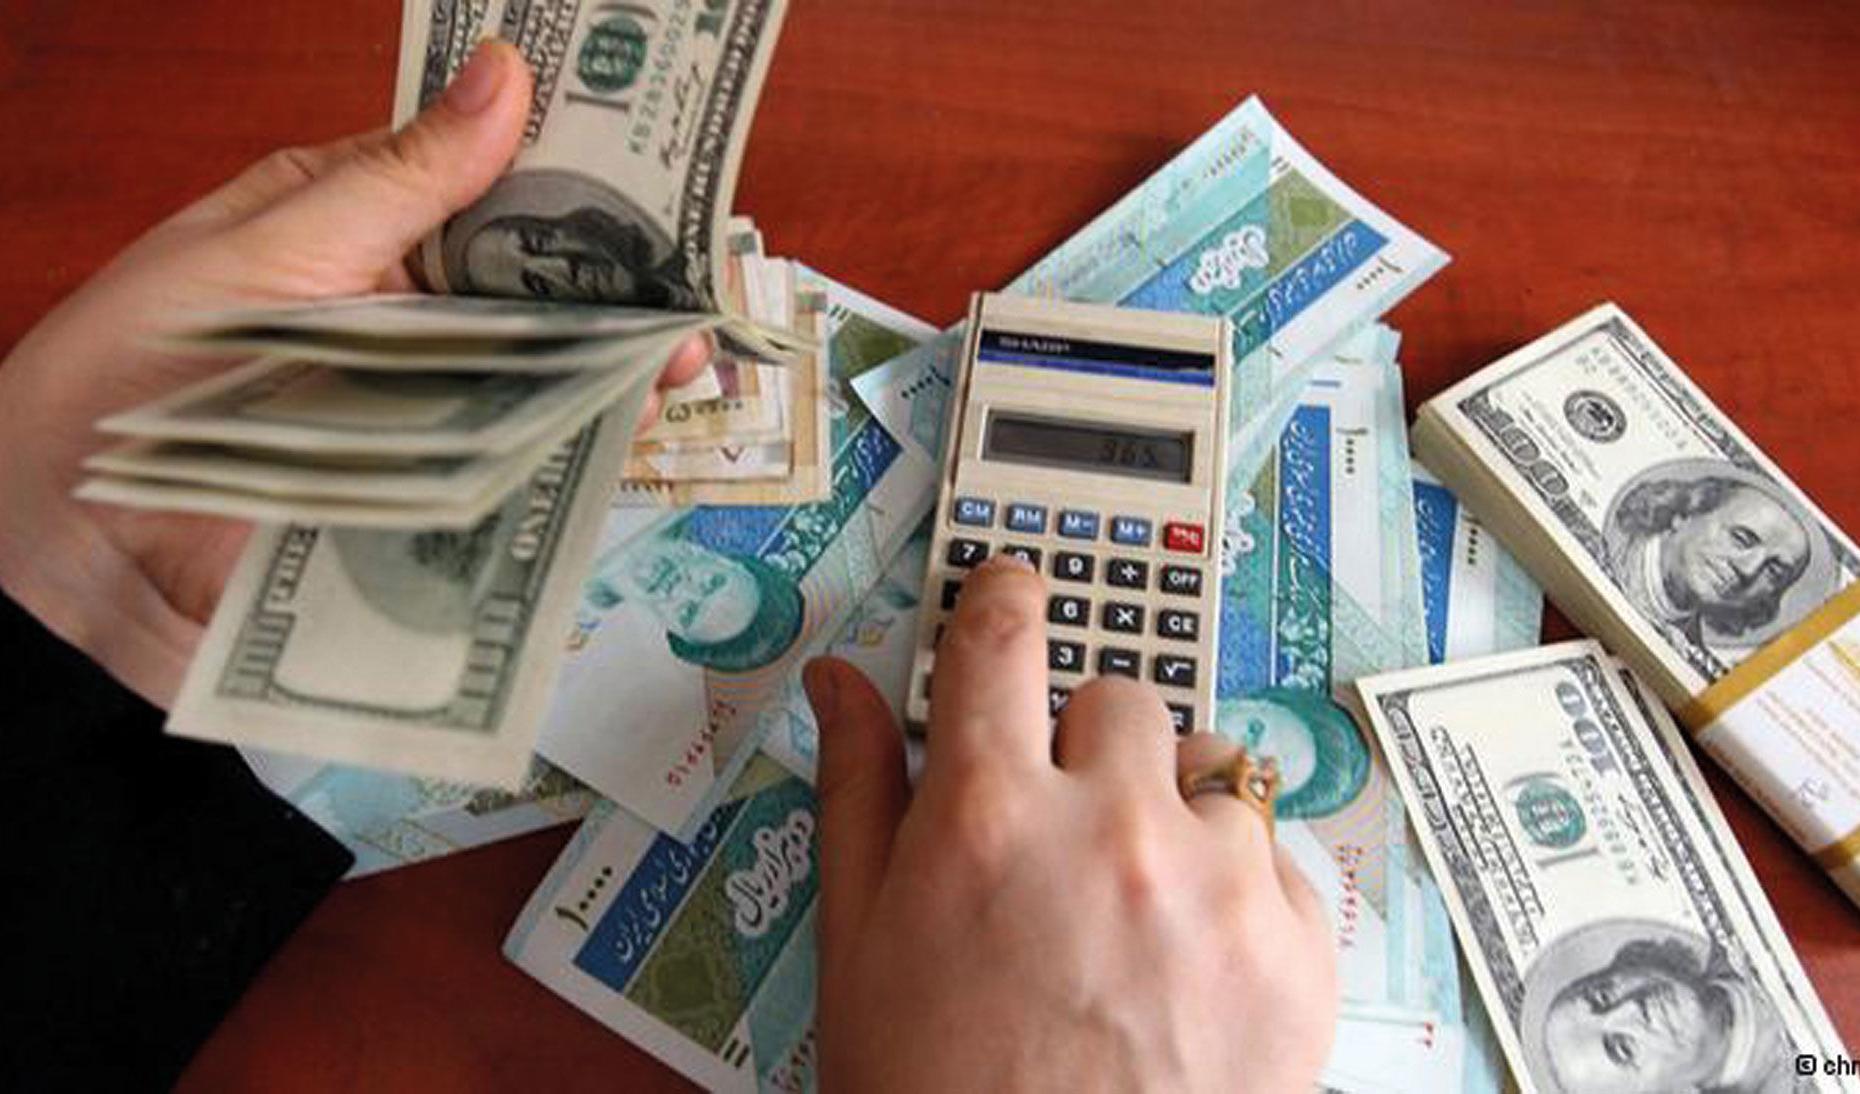 دلالان برای پیشگیری از ریزش قیمت دلار دست به کار شدند